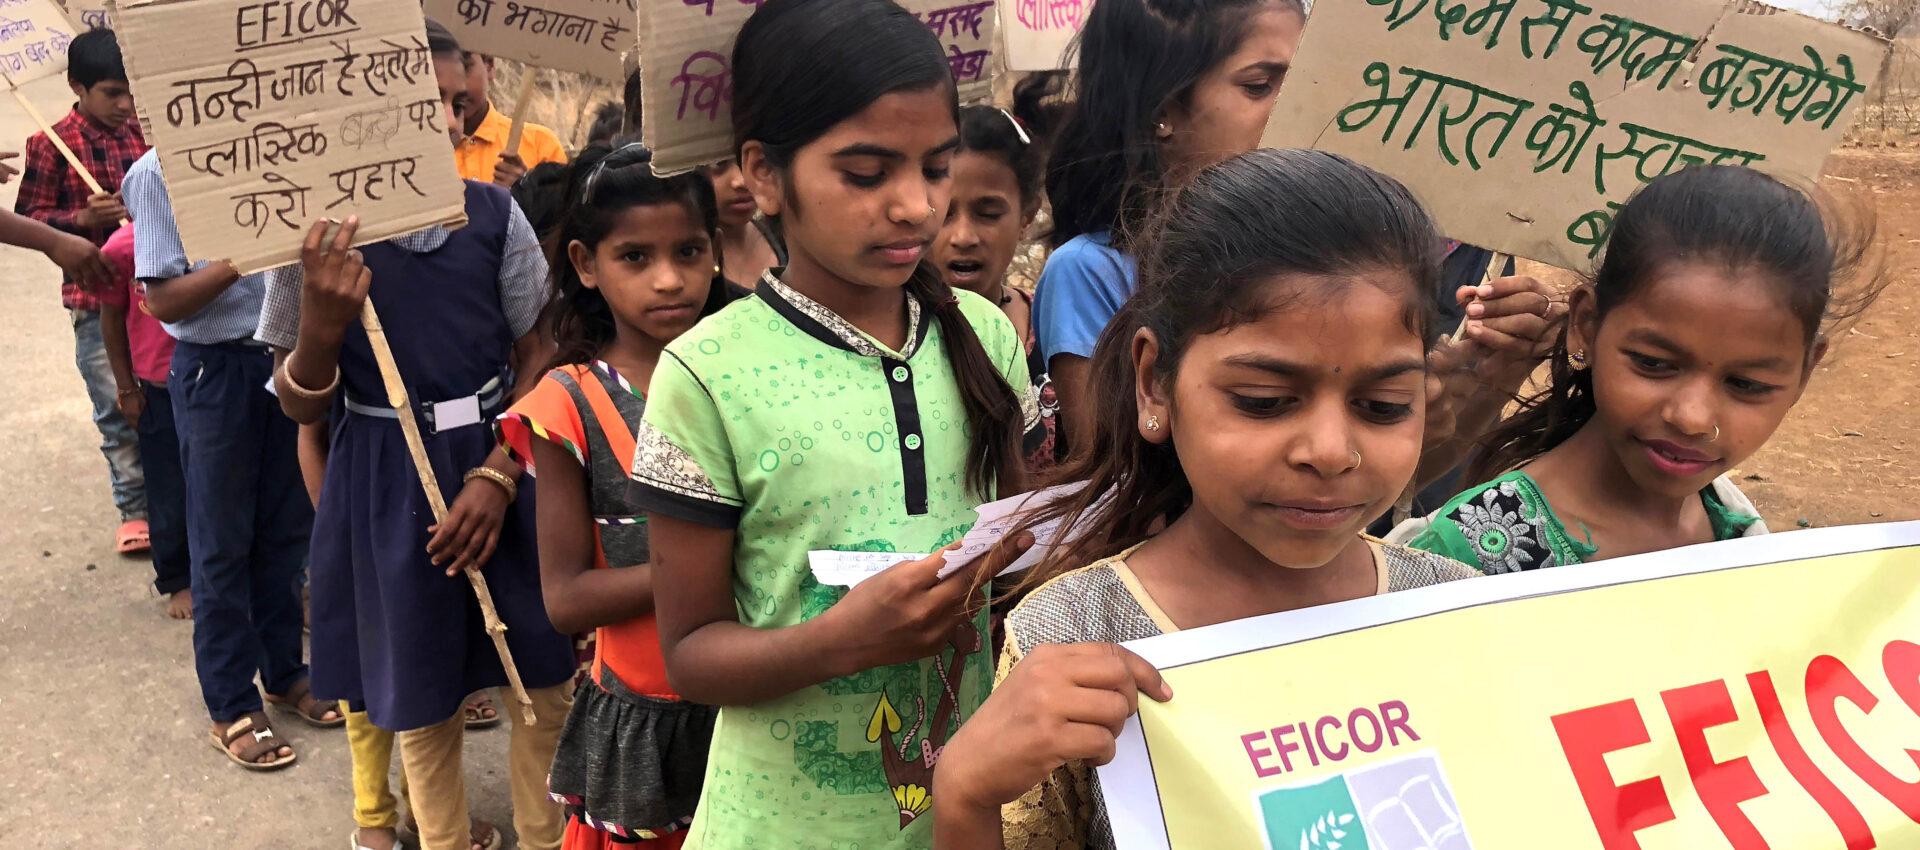 Många barn med plakat i händerna.